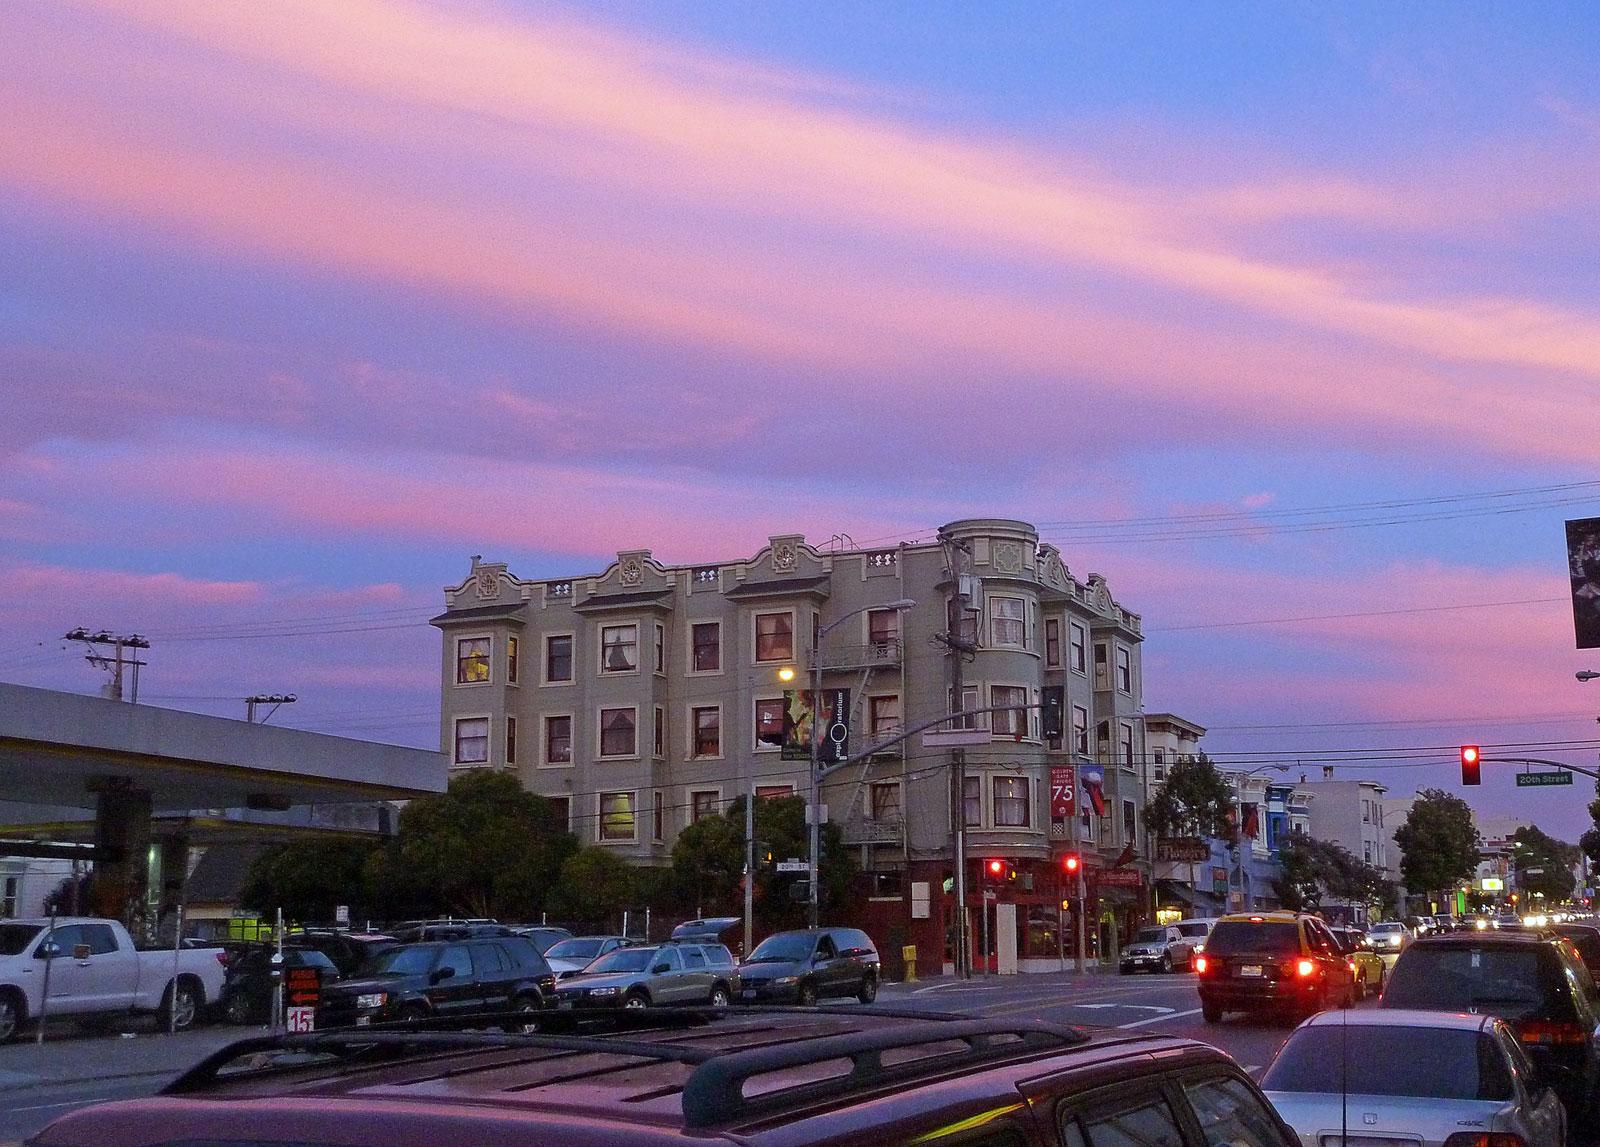 SNAP: Beautiful Night in the Neighborhood